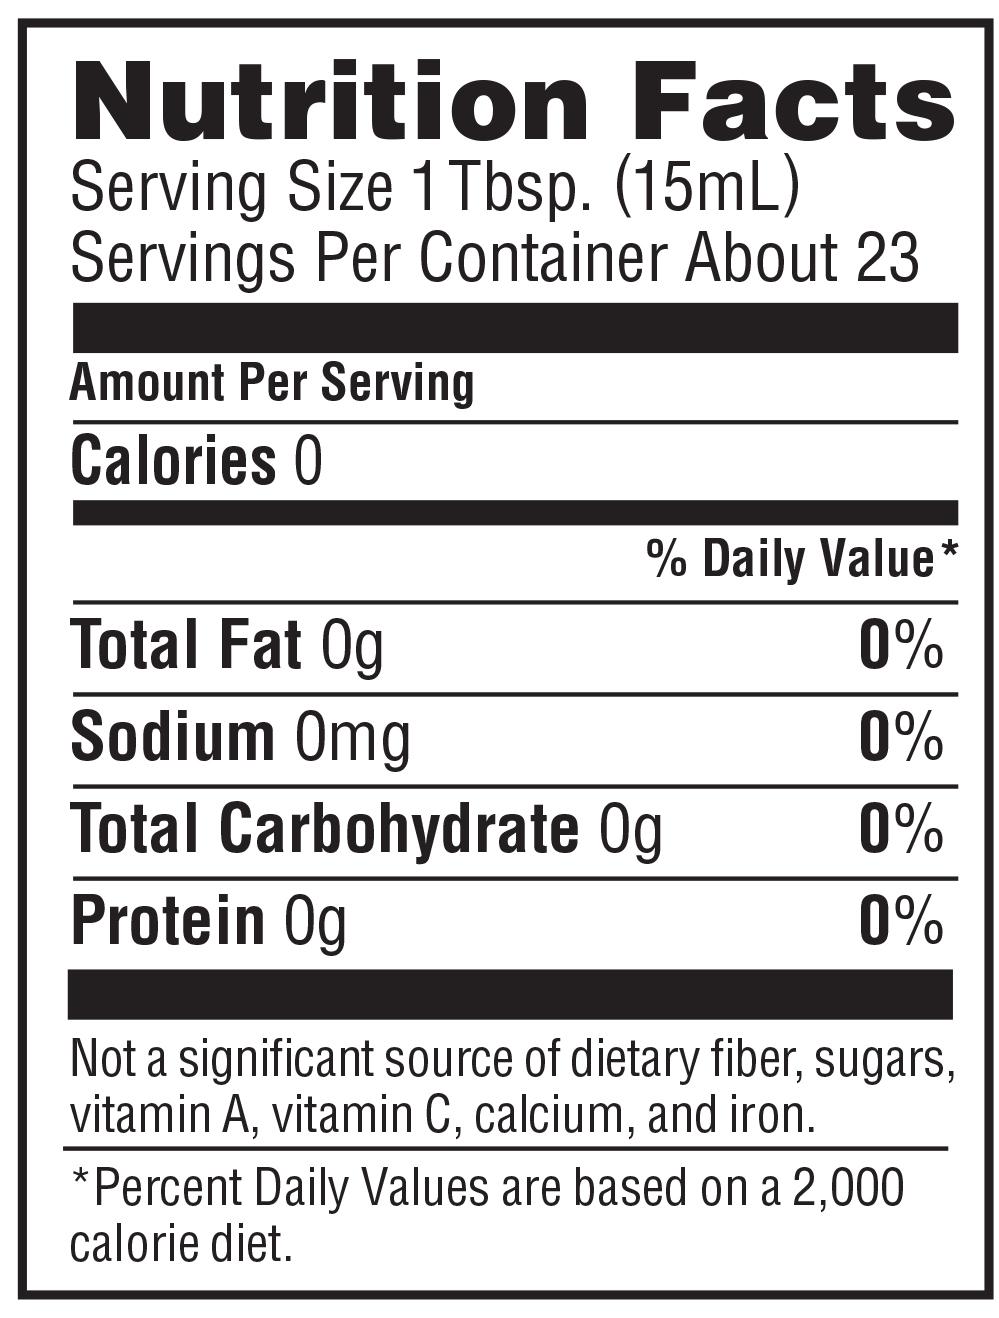 balsamic vinegar calories 1 tbsp